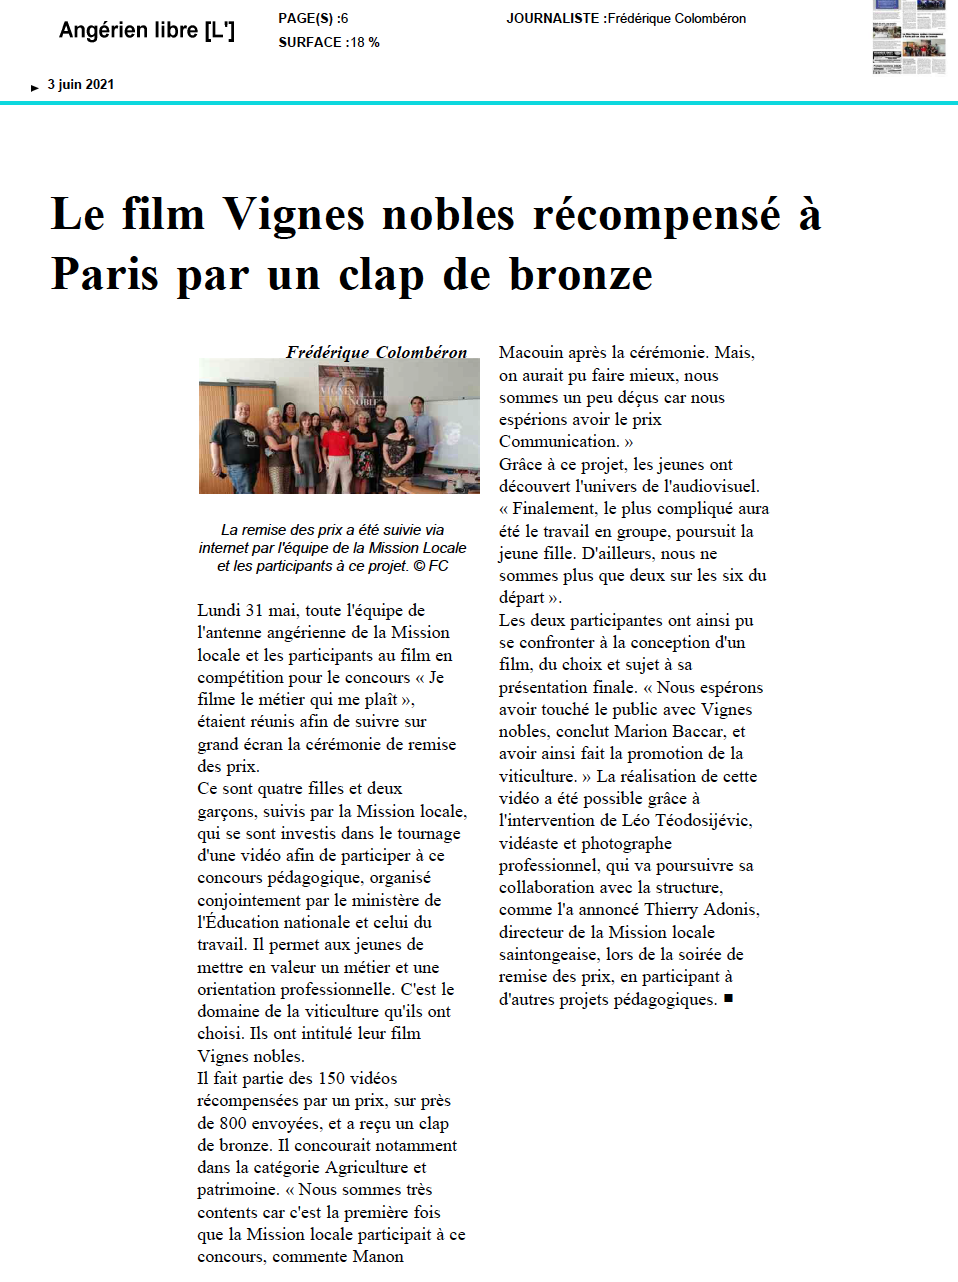 L'Angérien libre - 03/06/2021